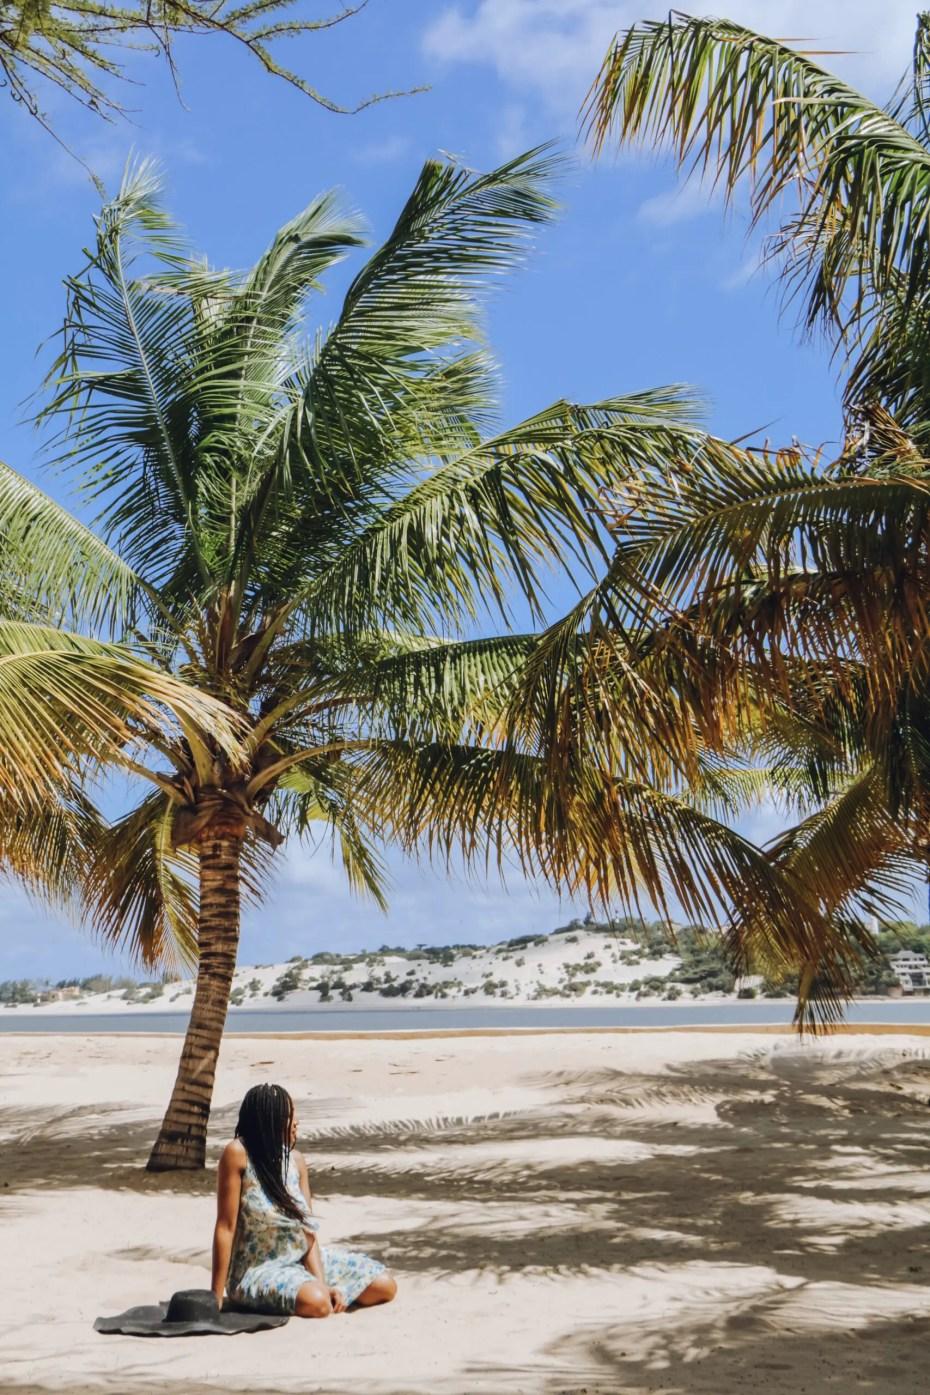 Majlis Manda Island